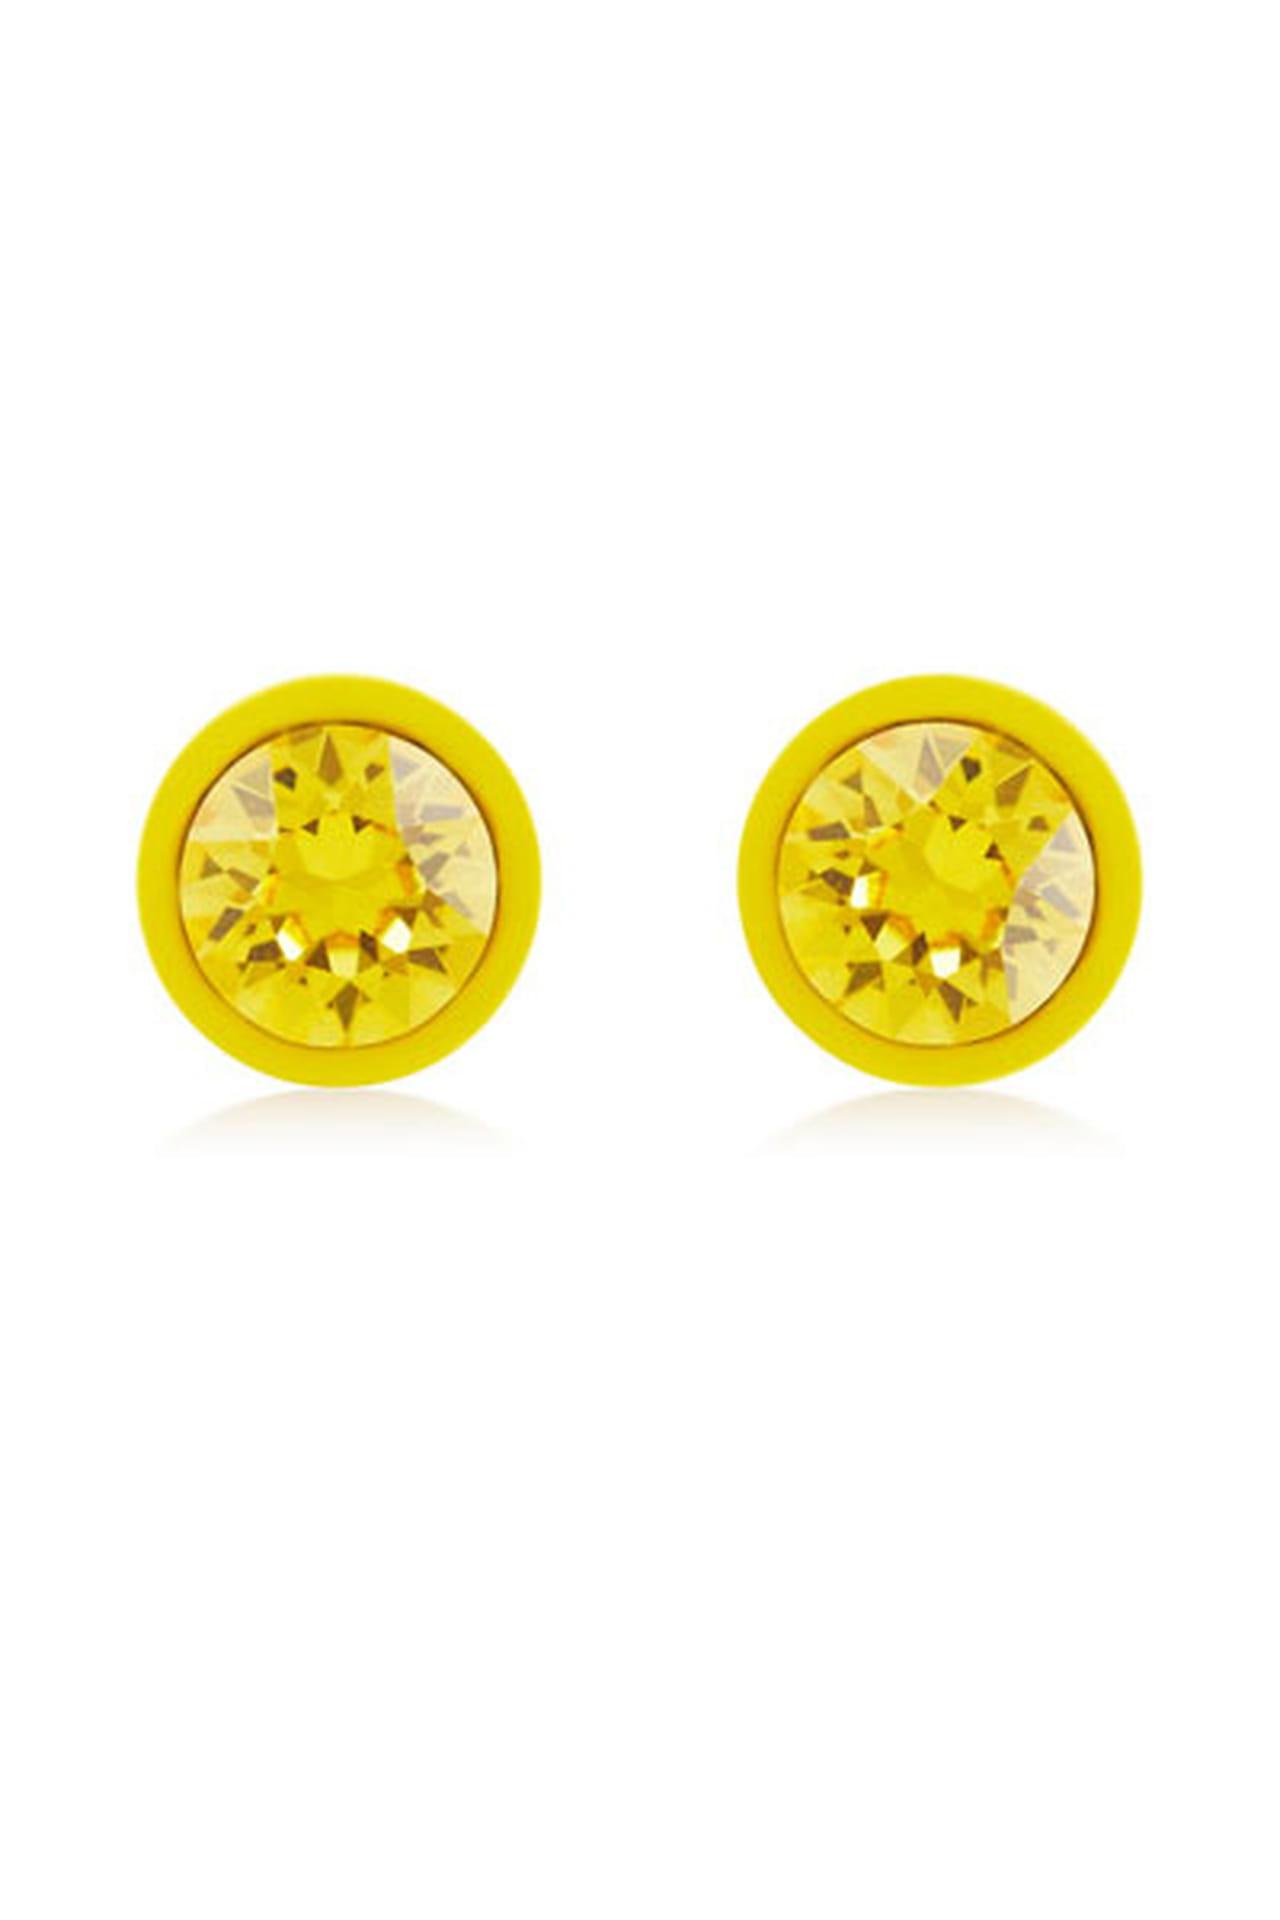 اللون الأصفر لطلة تعكس إشراقتك في النهار  832716